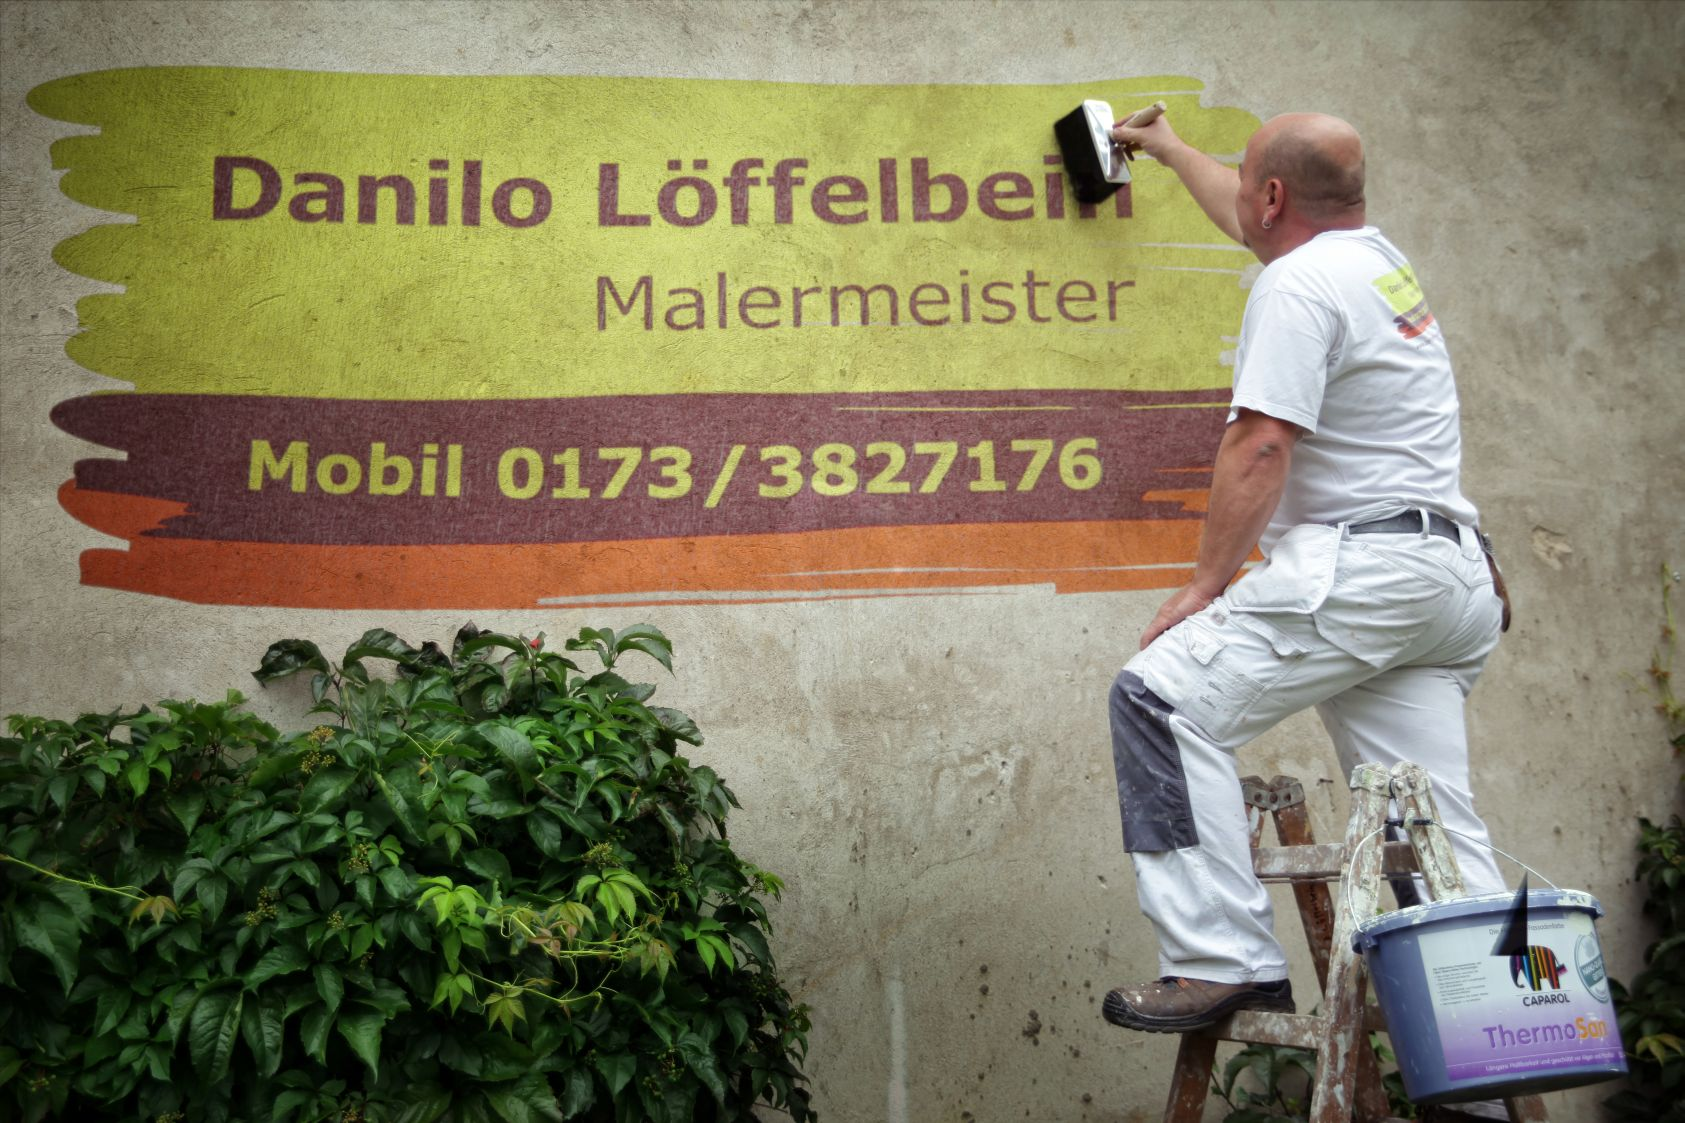 Malermeister Löffelbein